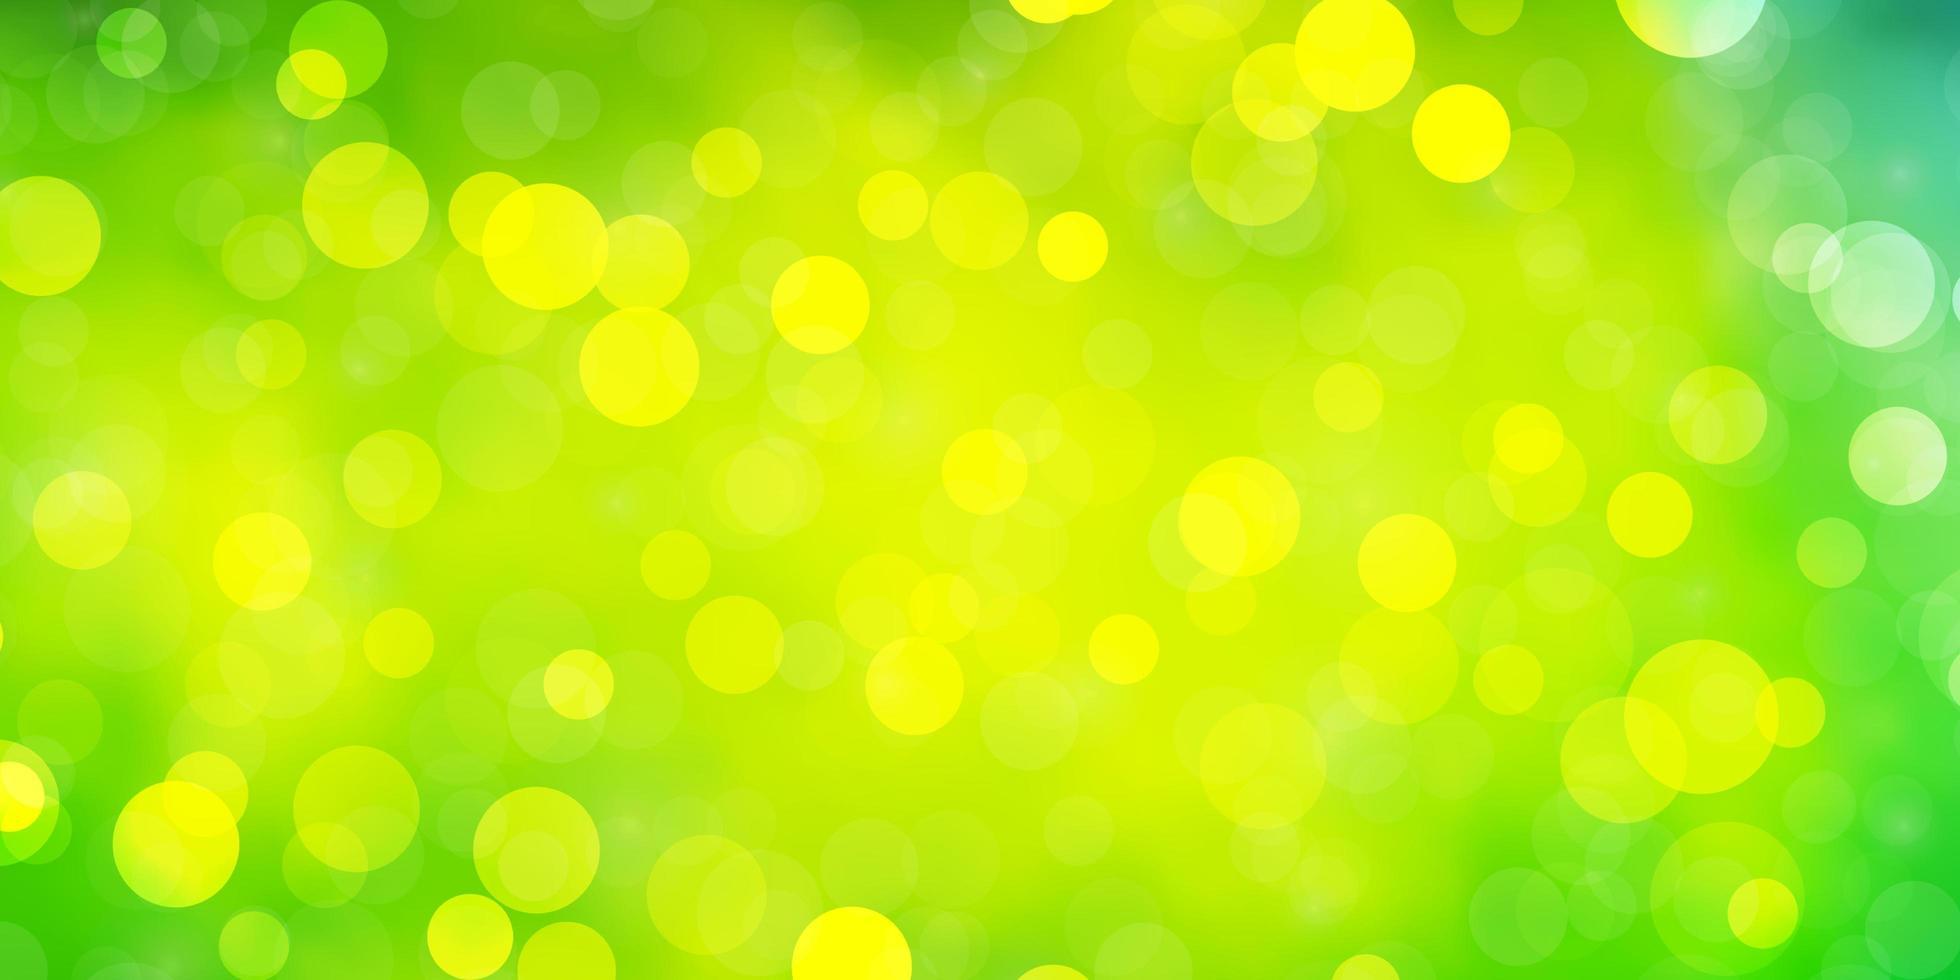 sfondo verde chiaro con cerchi. vettore